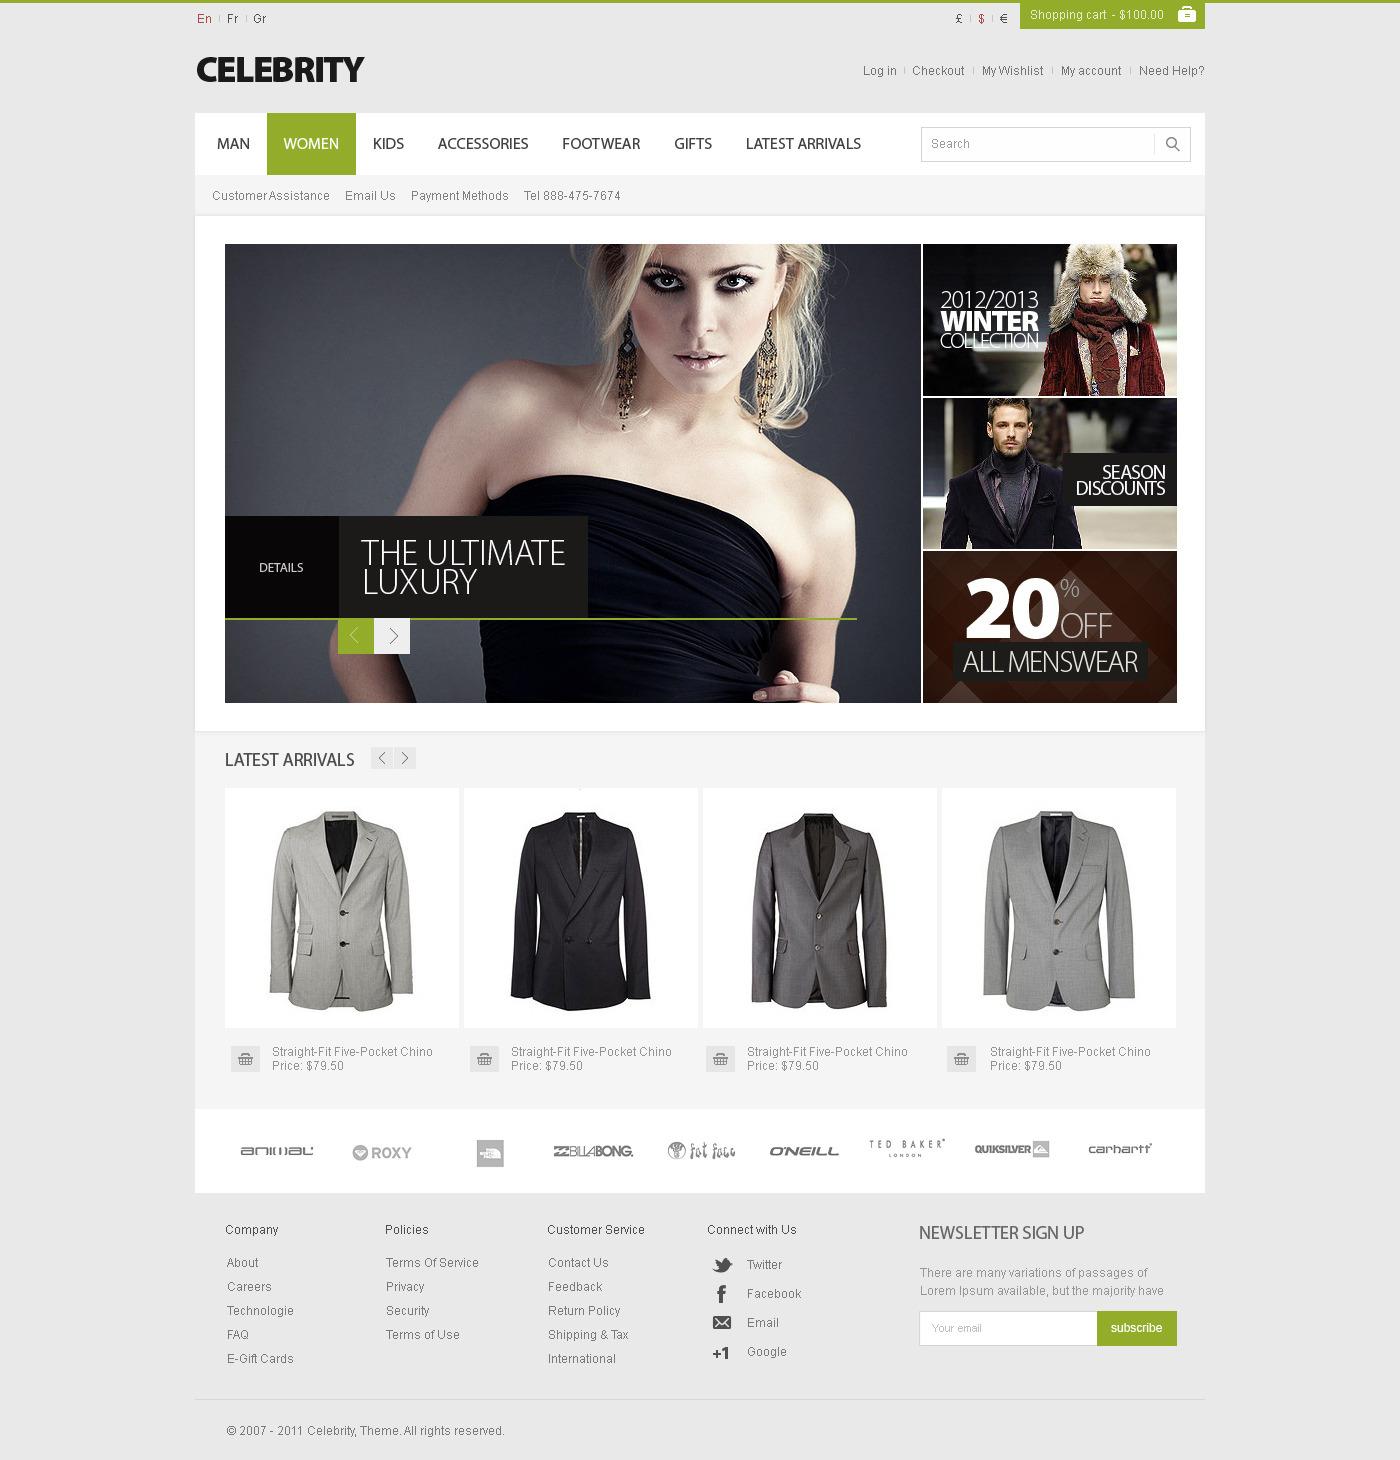 Entrepreneurs Celebrity WrodPress Theme - scriptmask.net